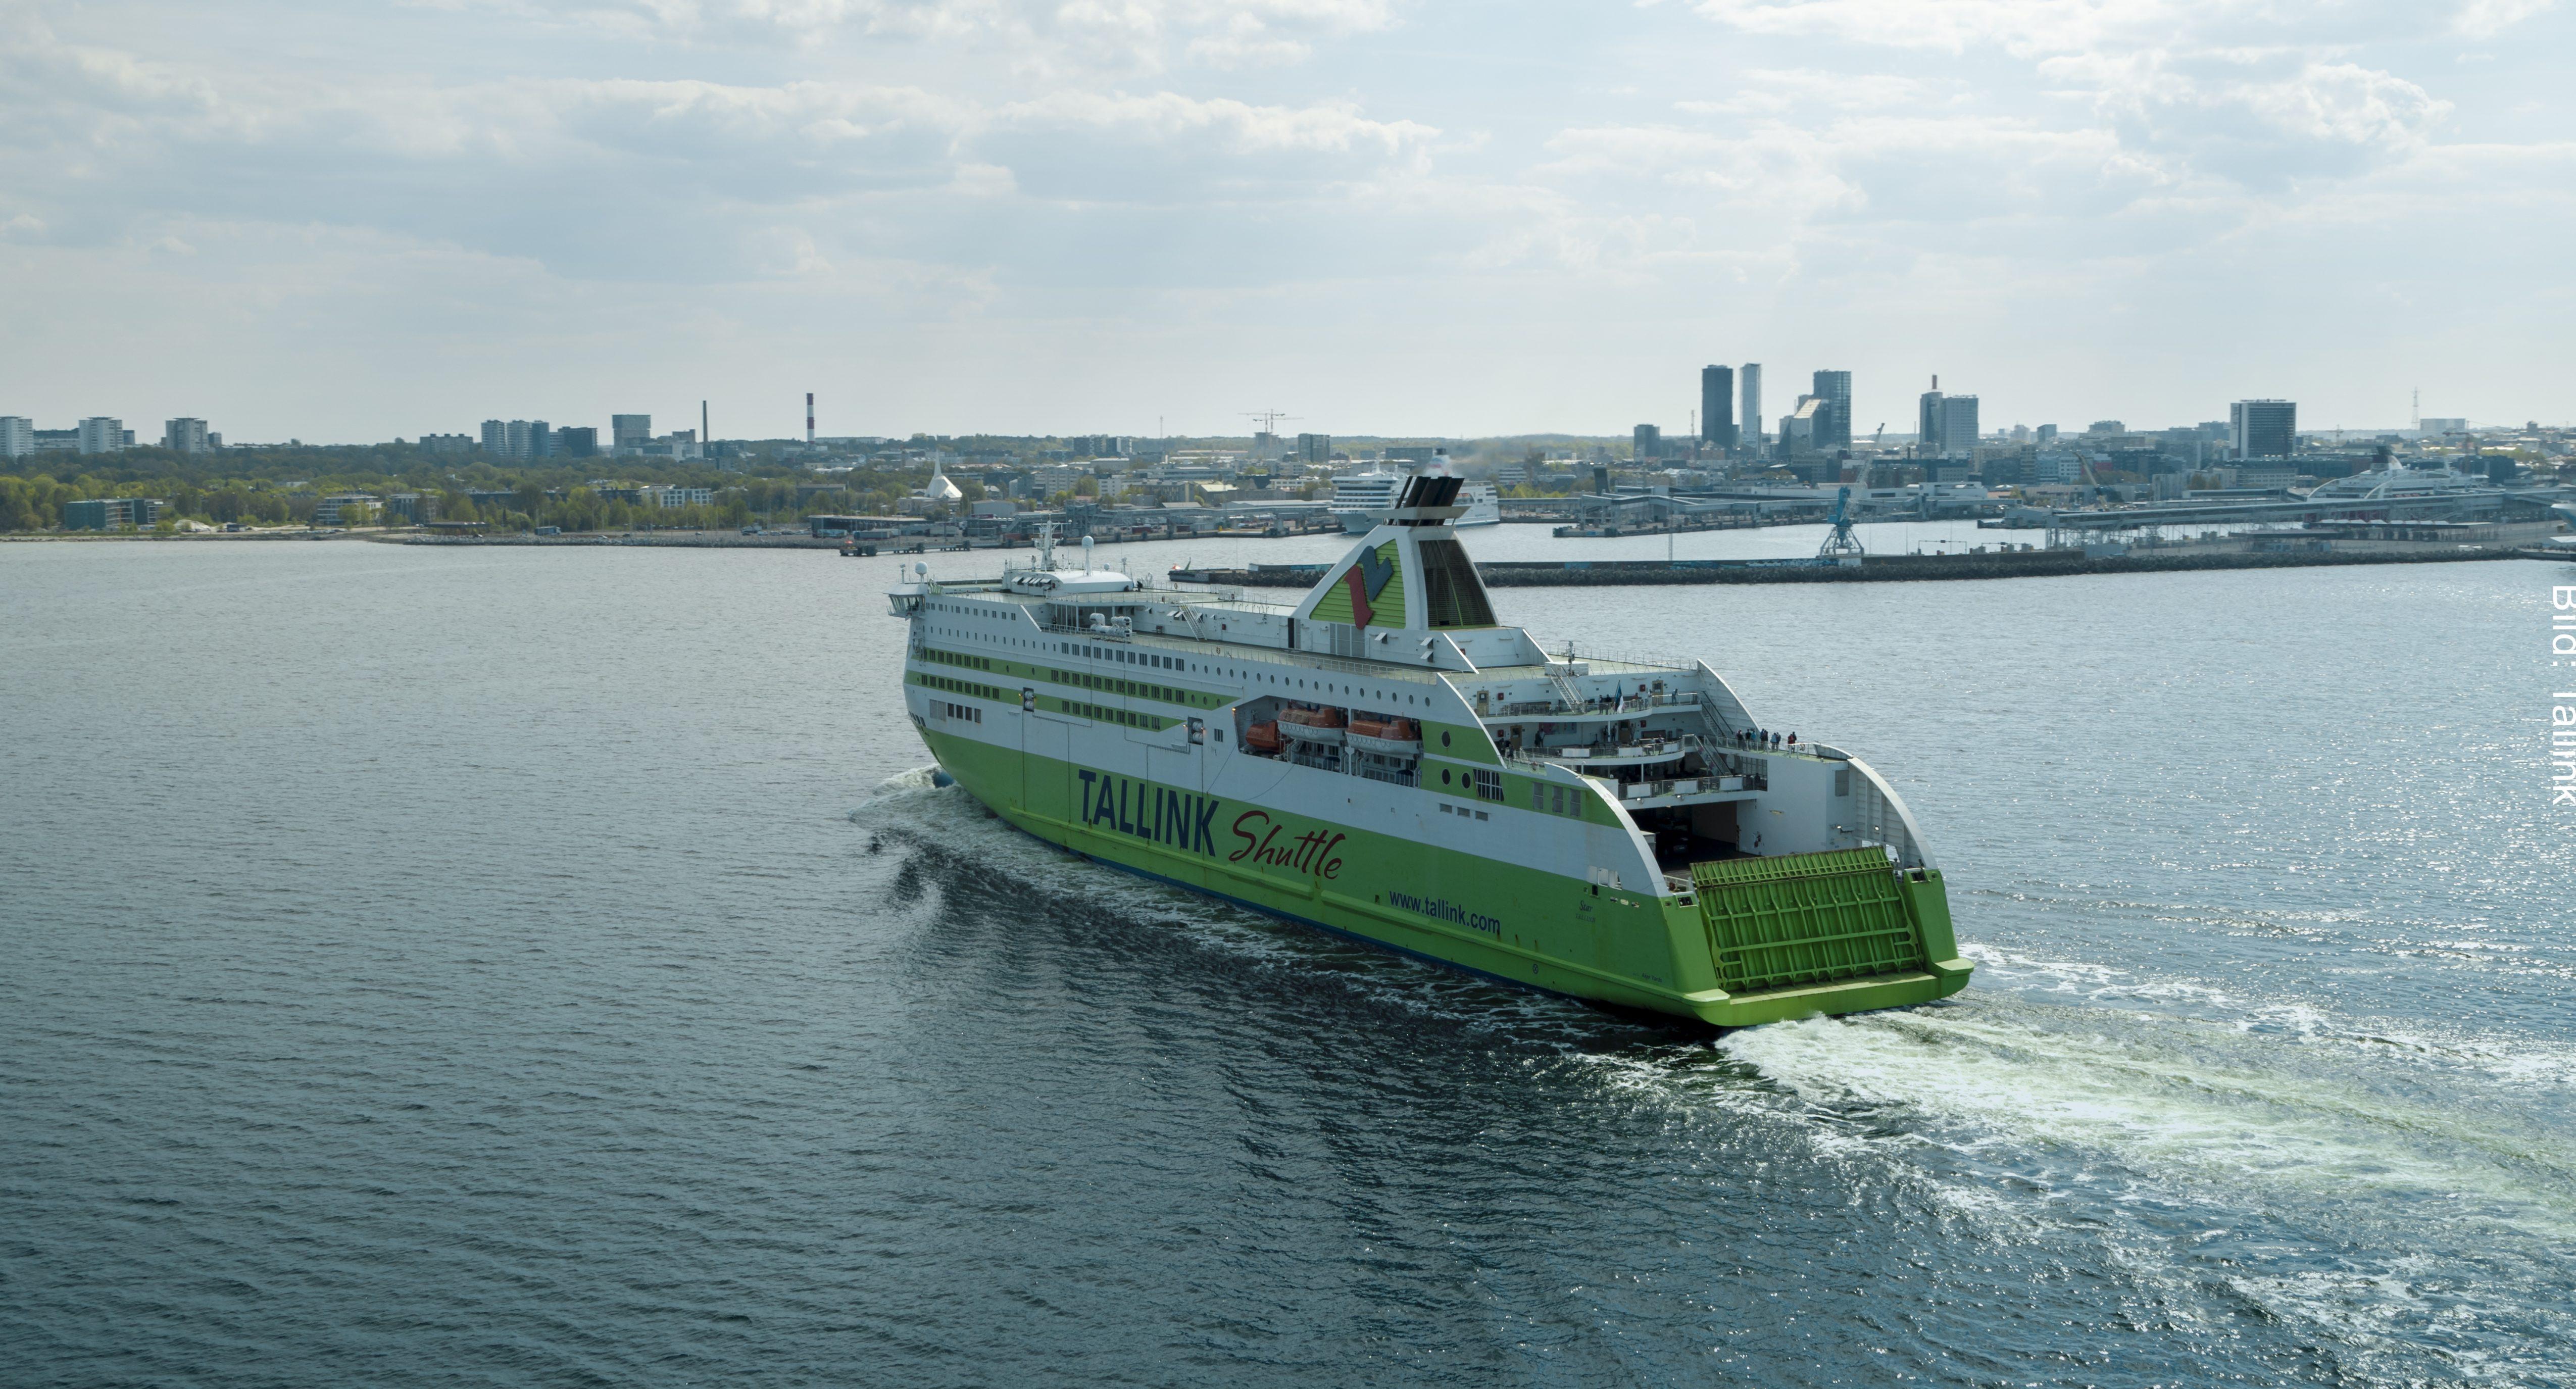 Fähre Tallinn-Helsinki Tallink